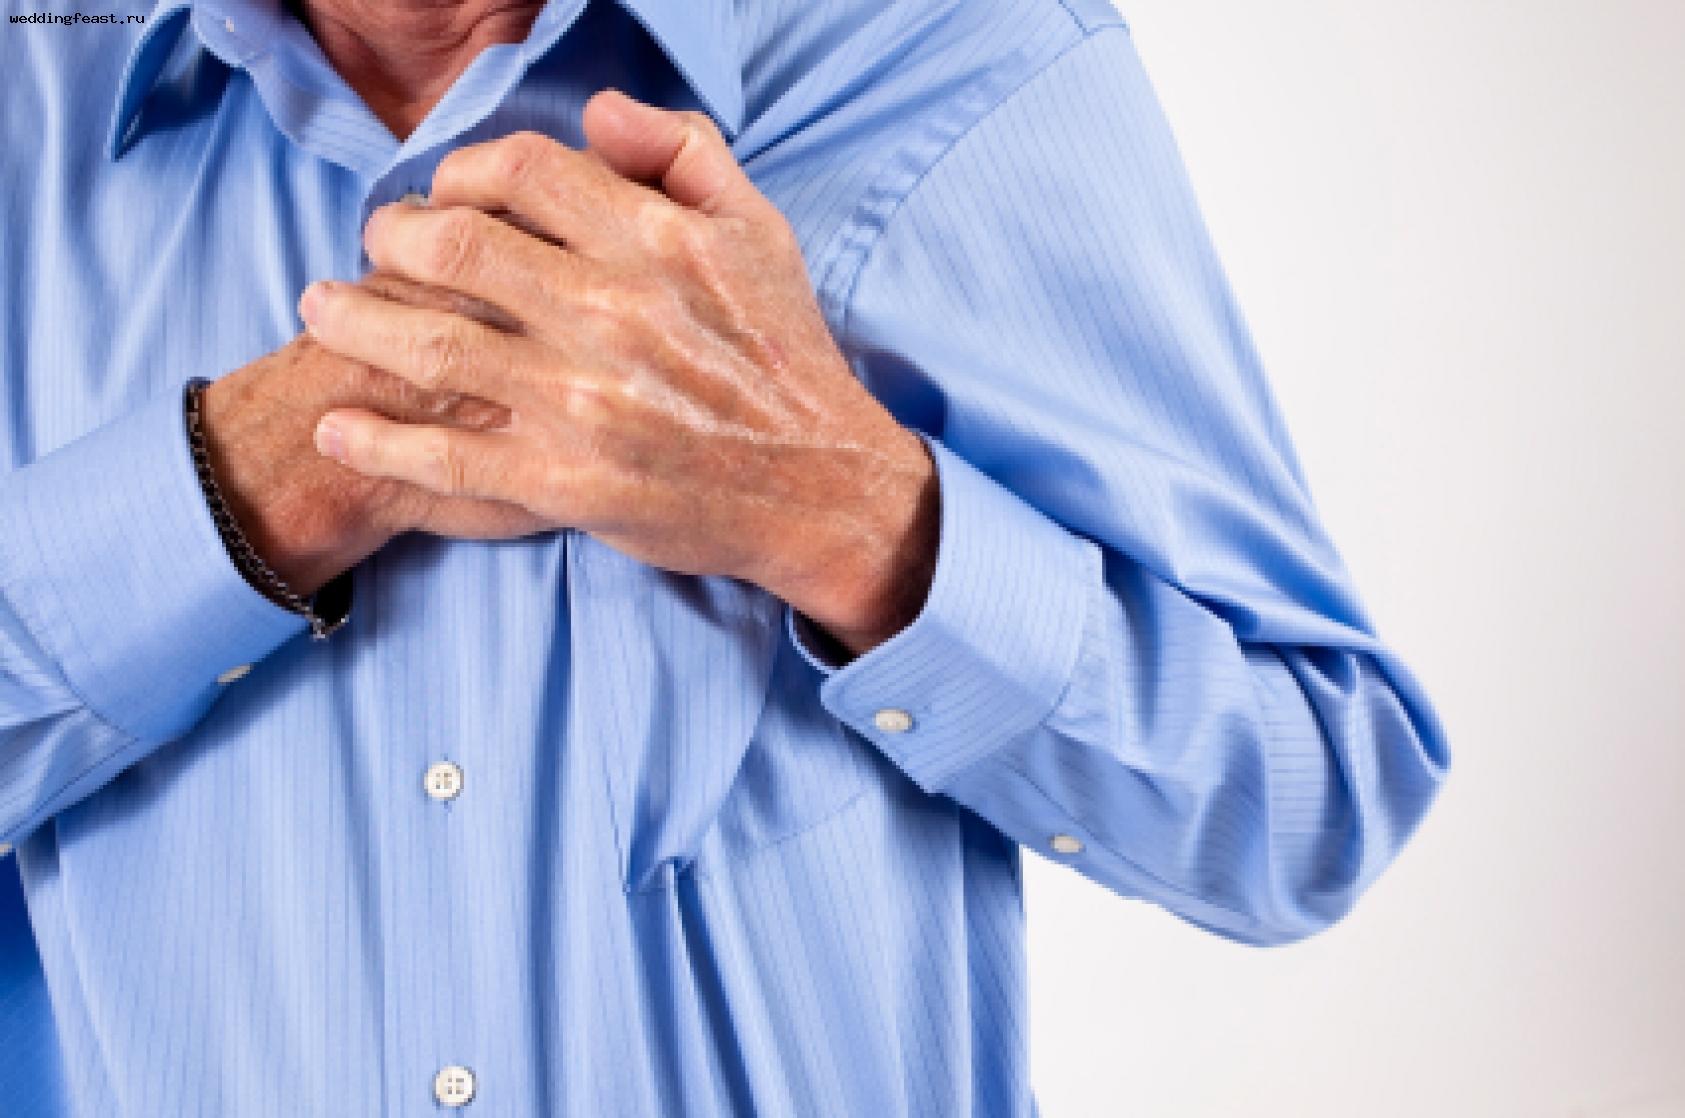 Сердечные боли и влияние диеты